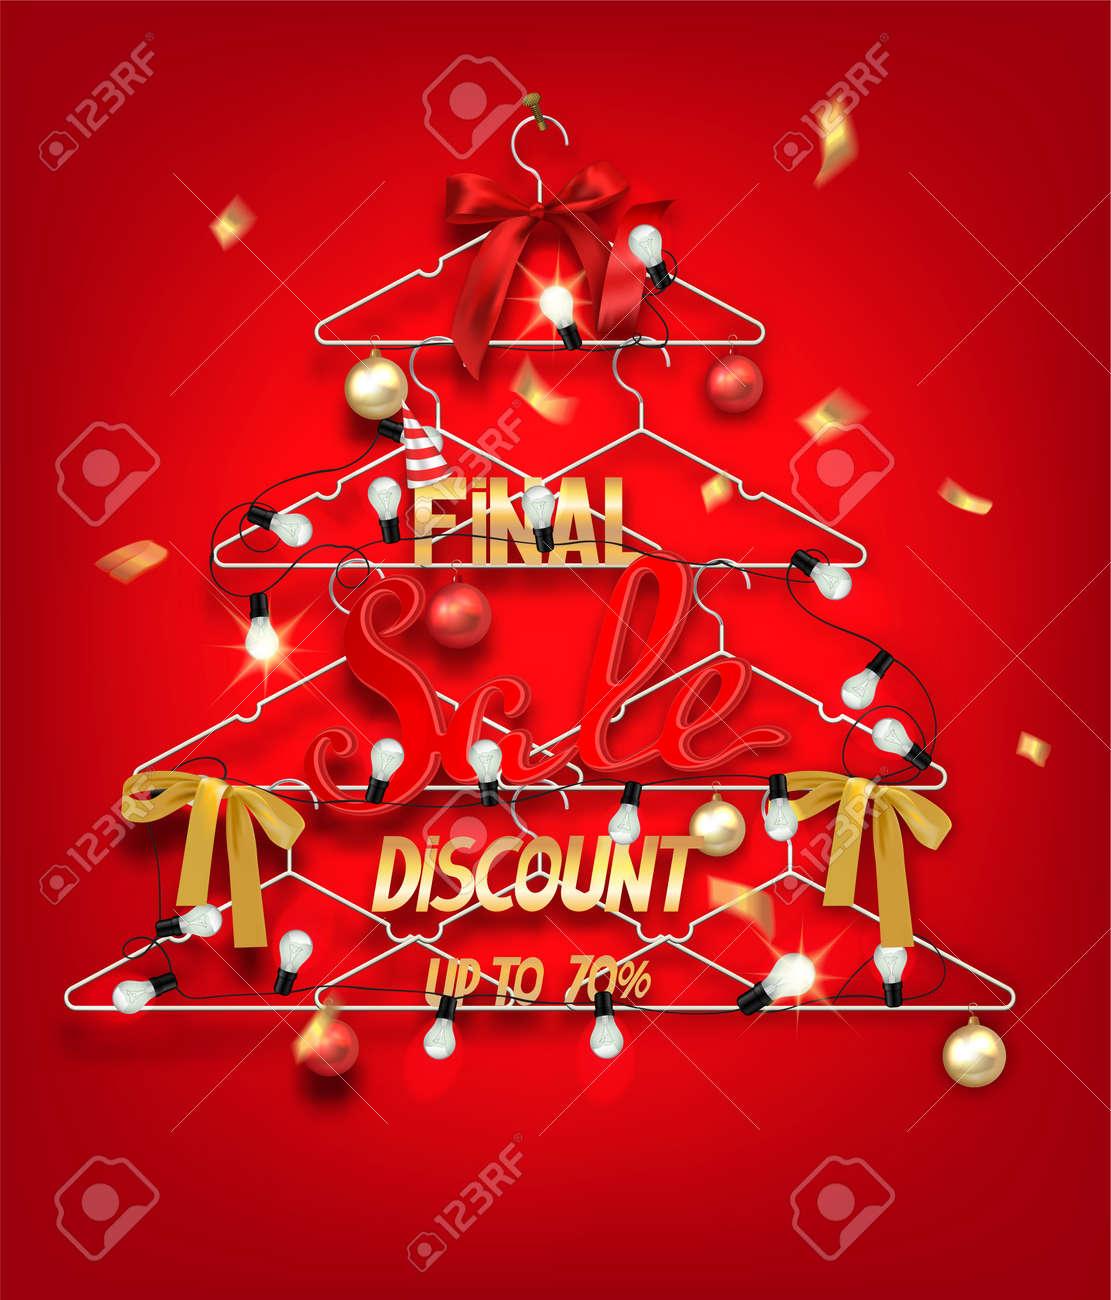 Weihnachten Verkauf Banner Mit Abstrakten Weihnachtsbaum Aus ...